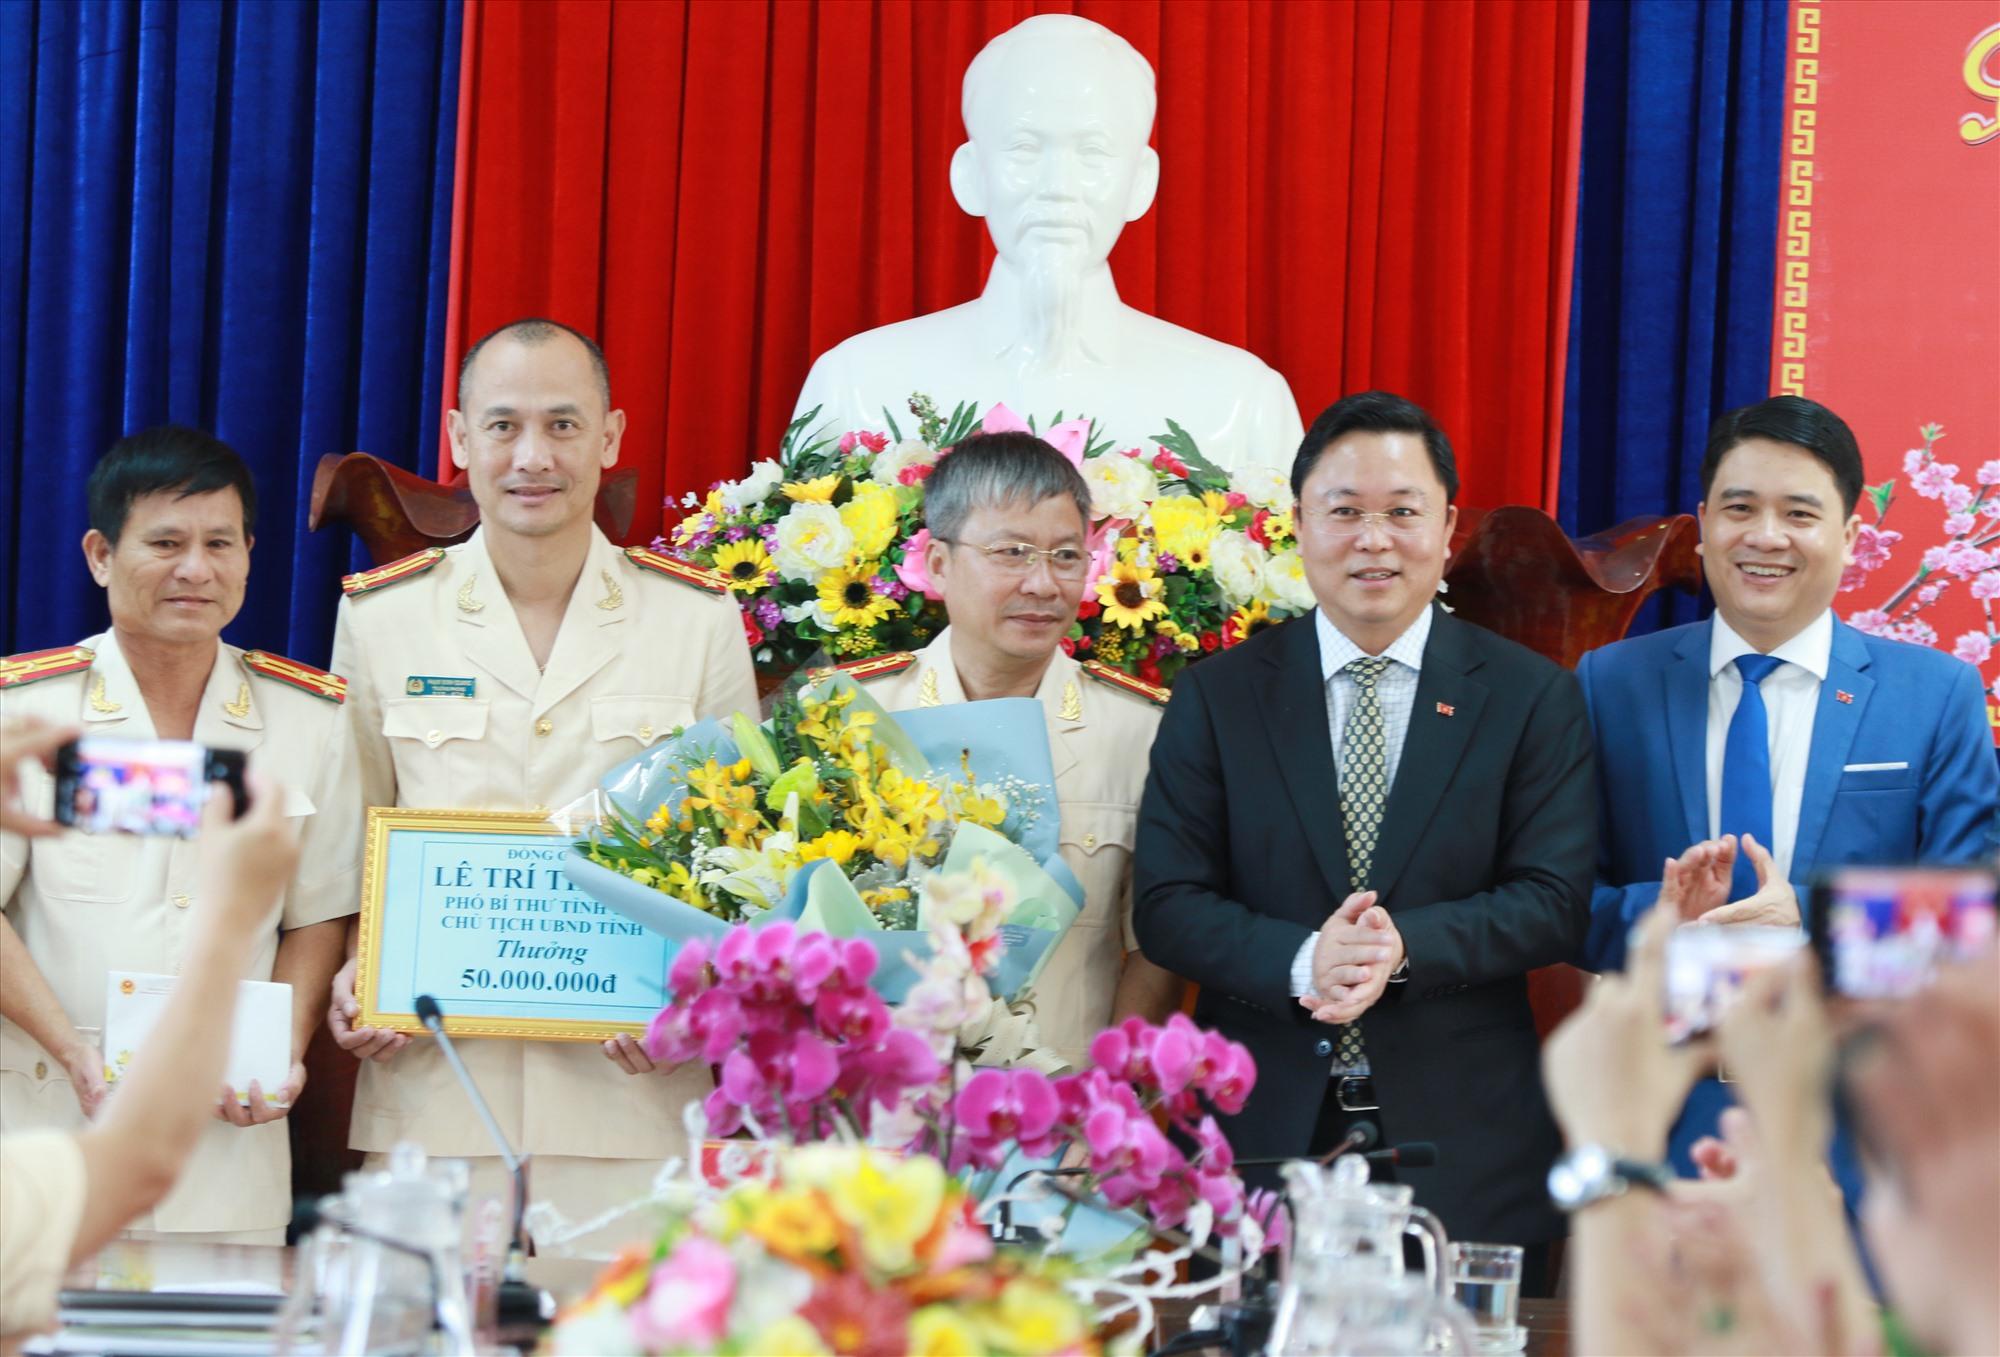 Chủ tịch UBND tỉnh Lê Trí Thanh động viên, khen thưởng lực lượng Công an tỉnh có thành tích phá án. Ảnh: N.Đ